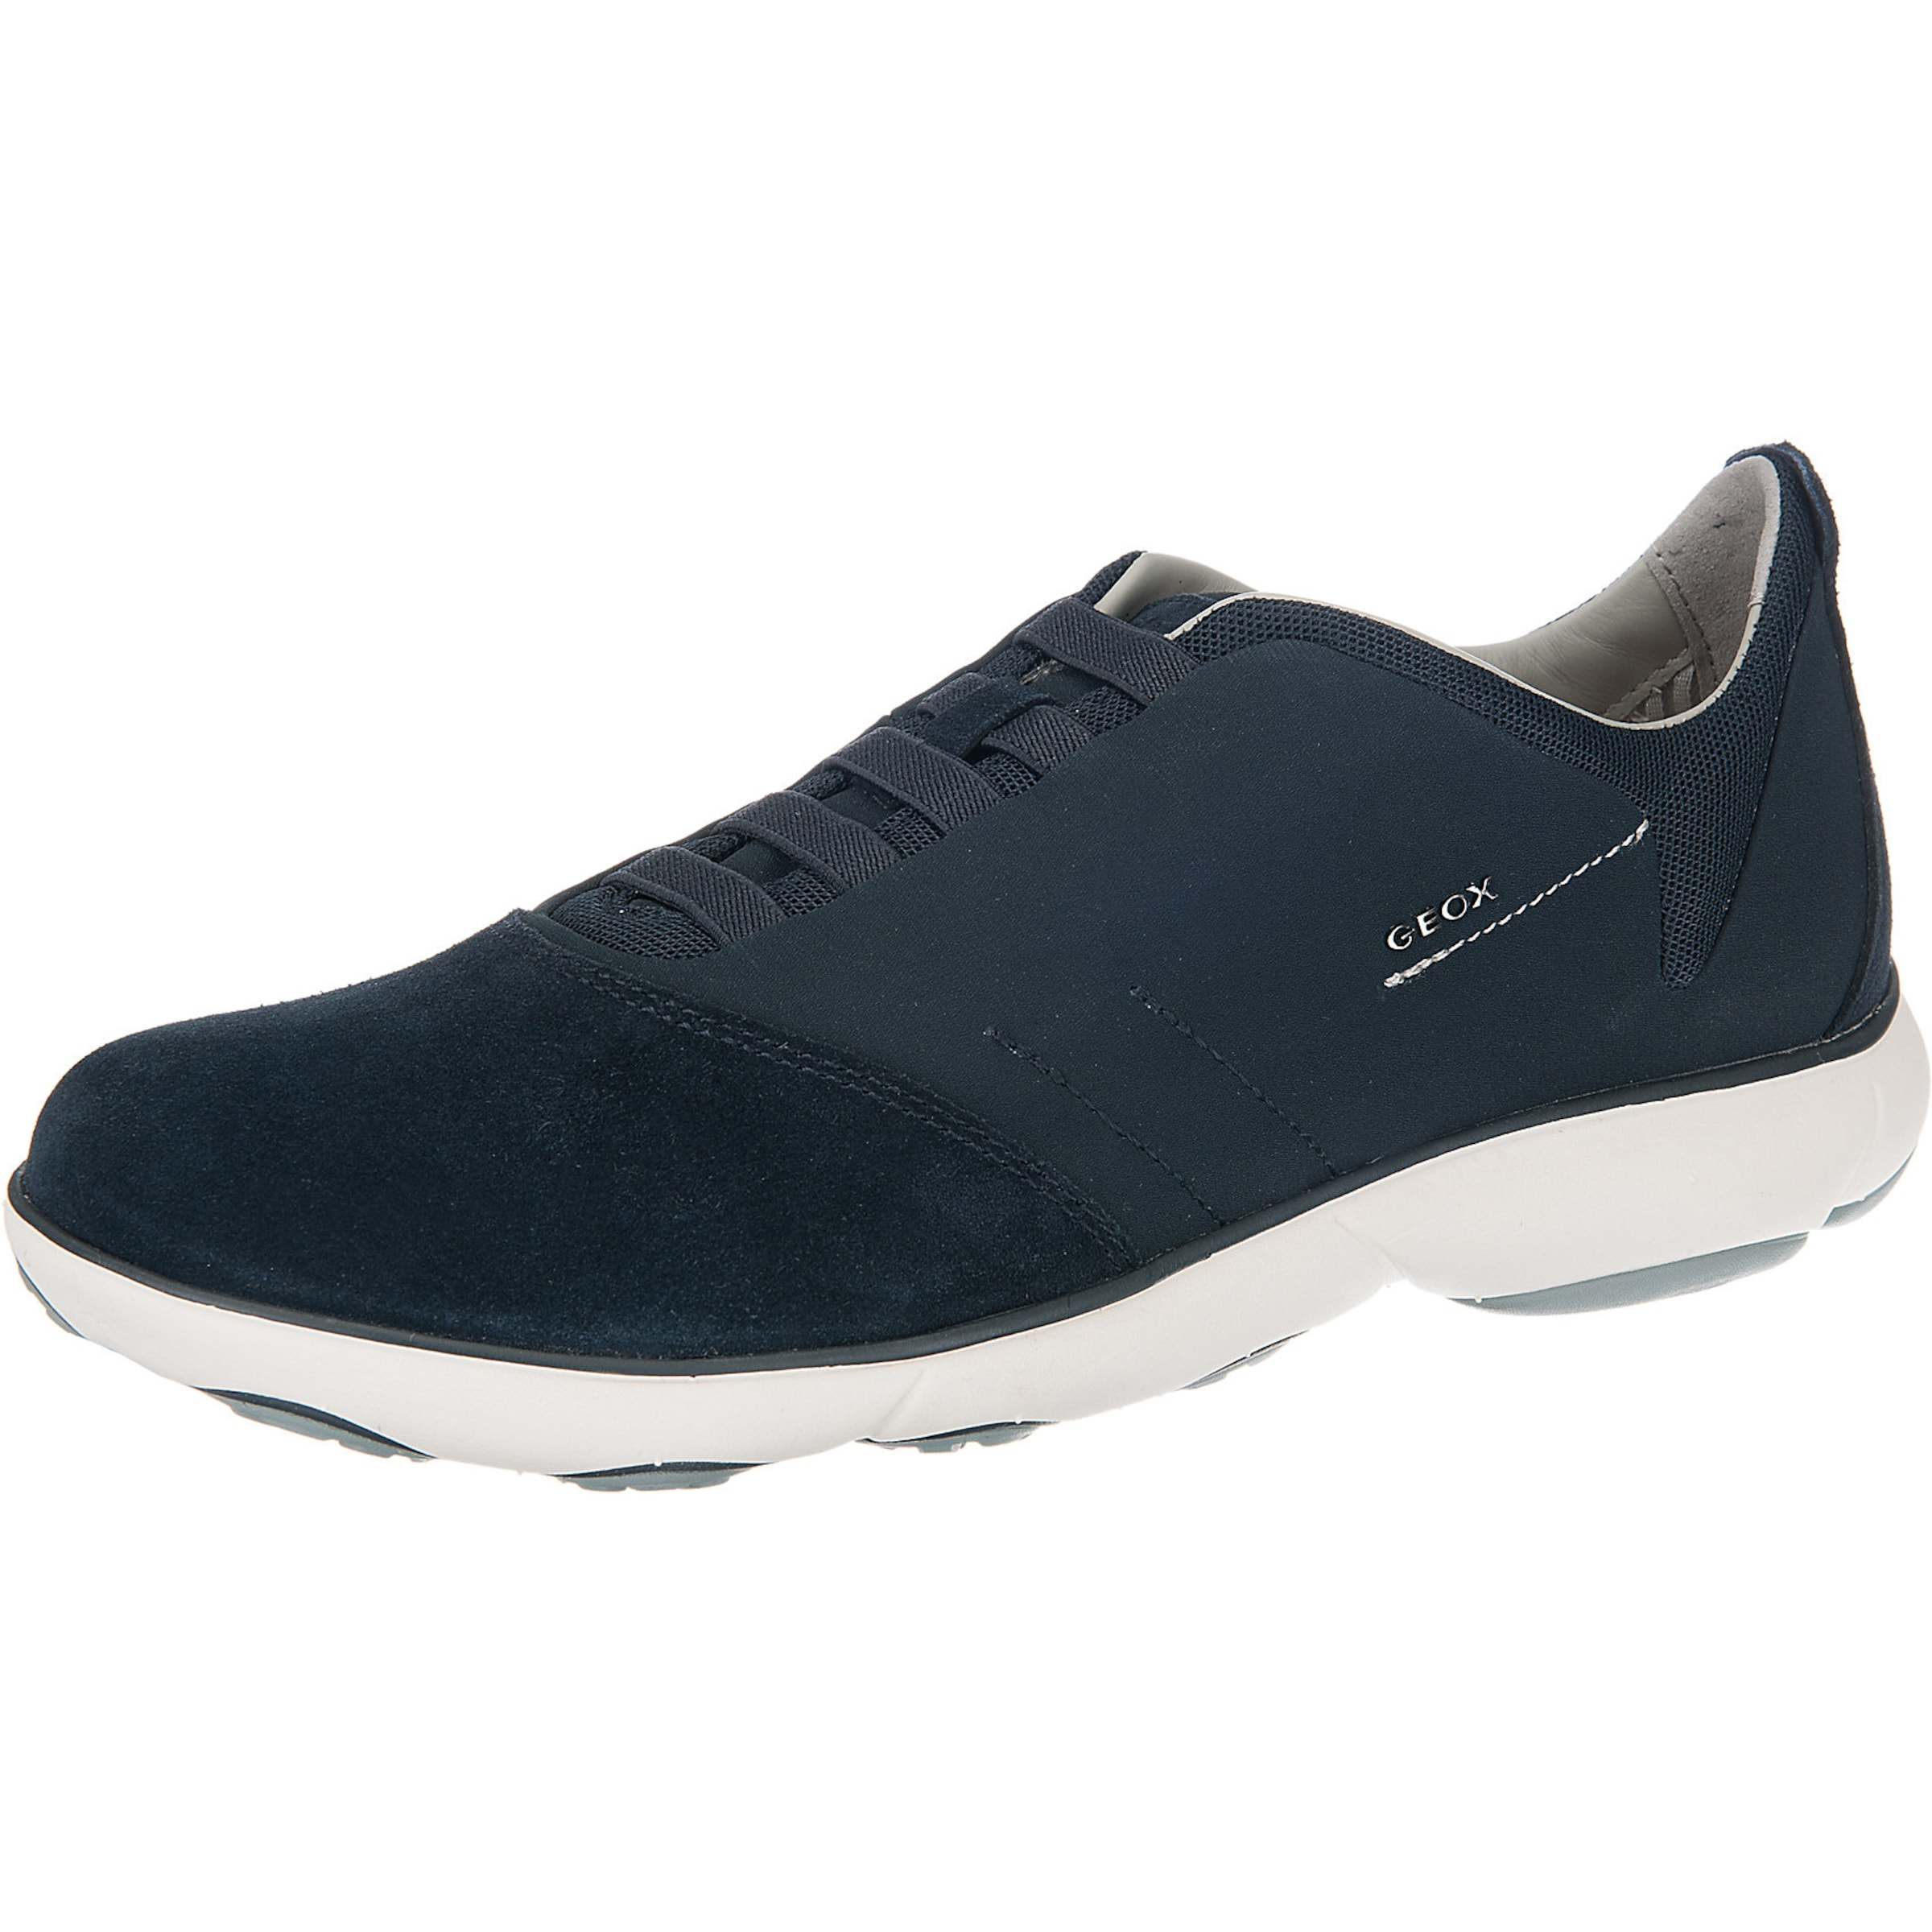 GEOX Nebula Sneakers Günstige und langlebige Schuhe